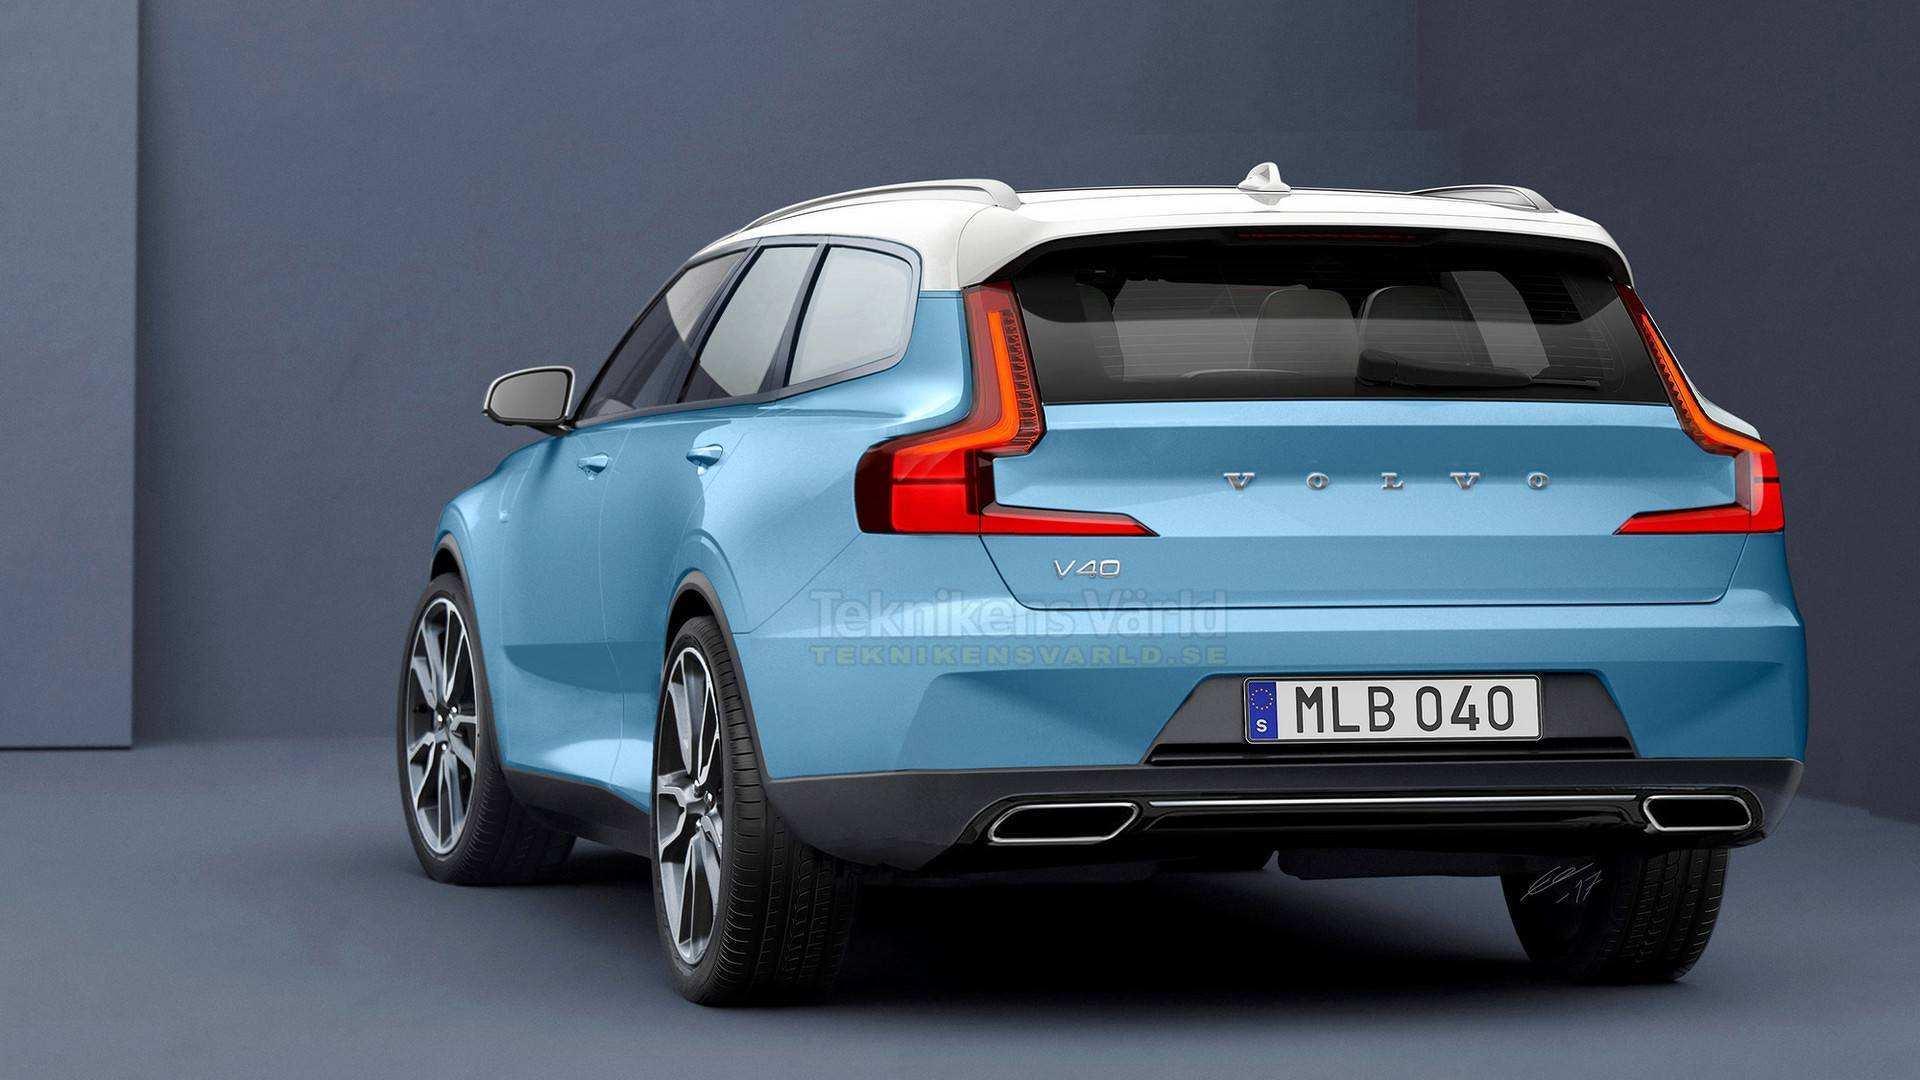 38 New Volvo Nieuwe Modellen 2020 Engine for Volvo Nieuwe Modellen 2020